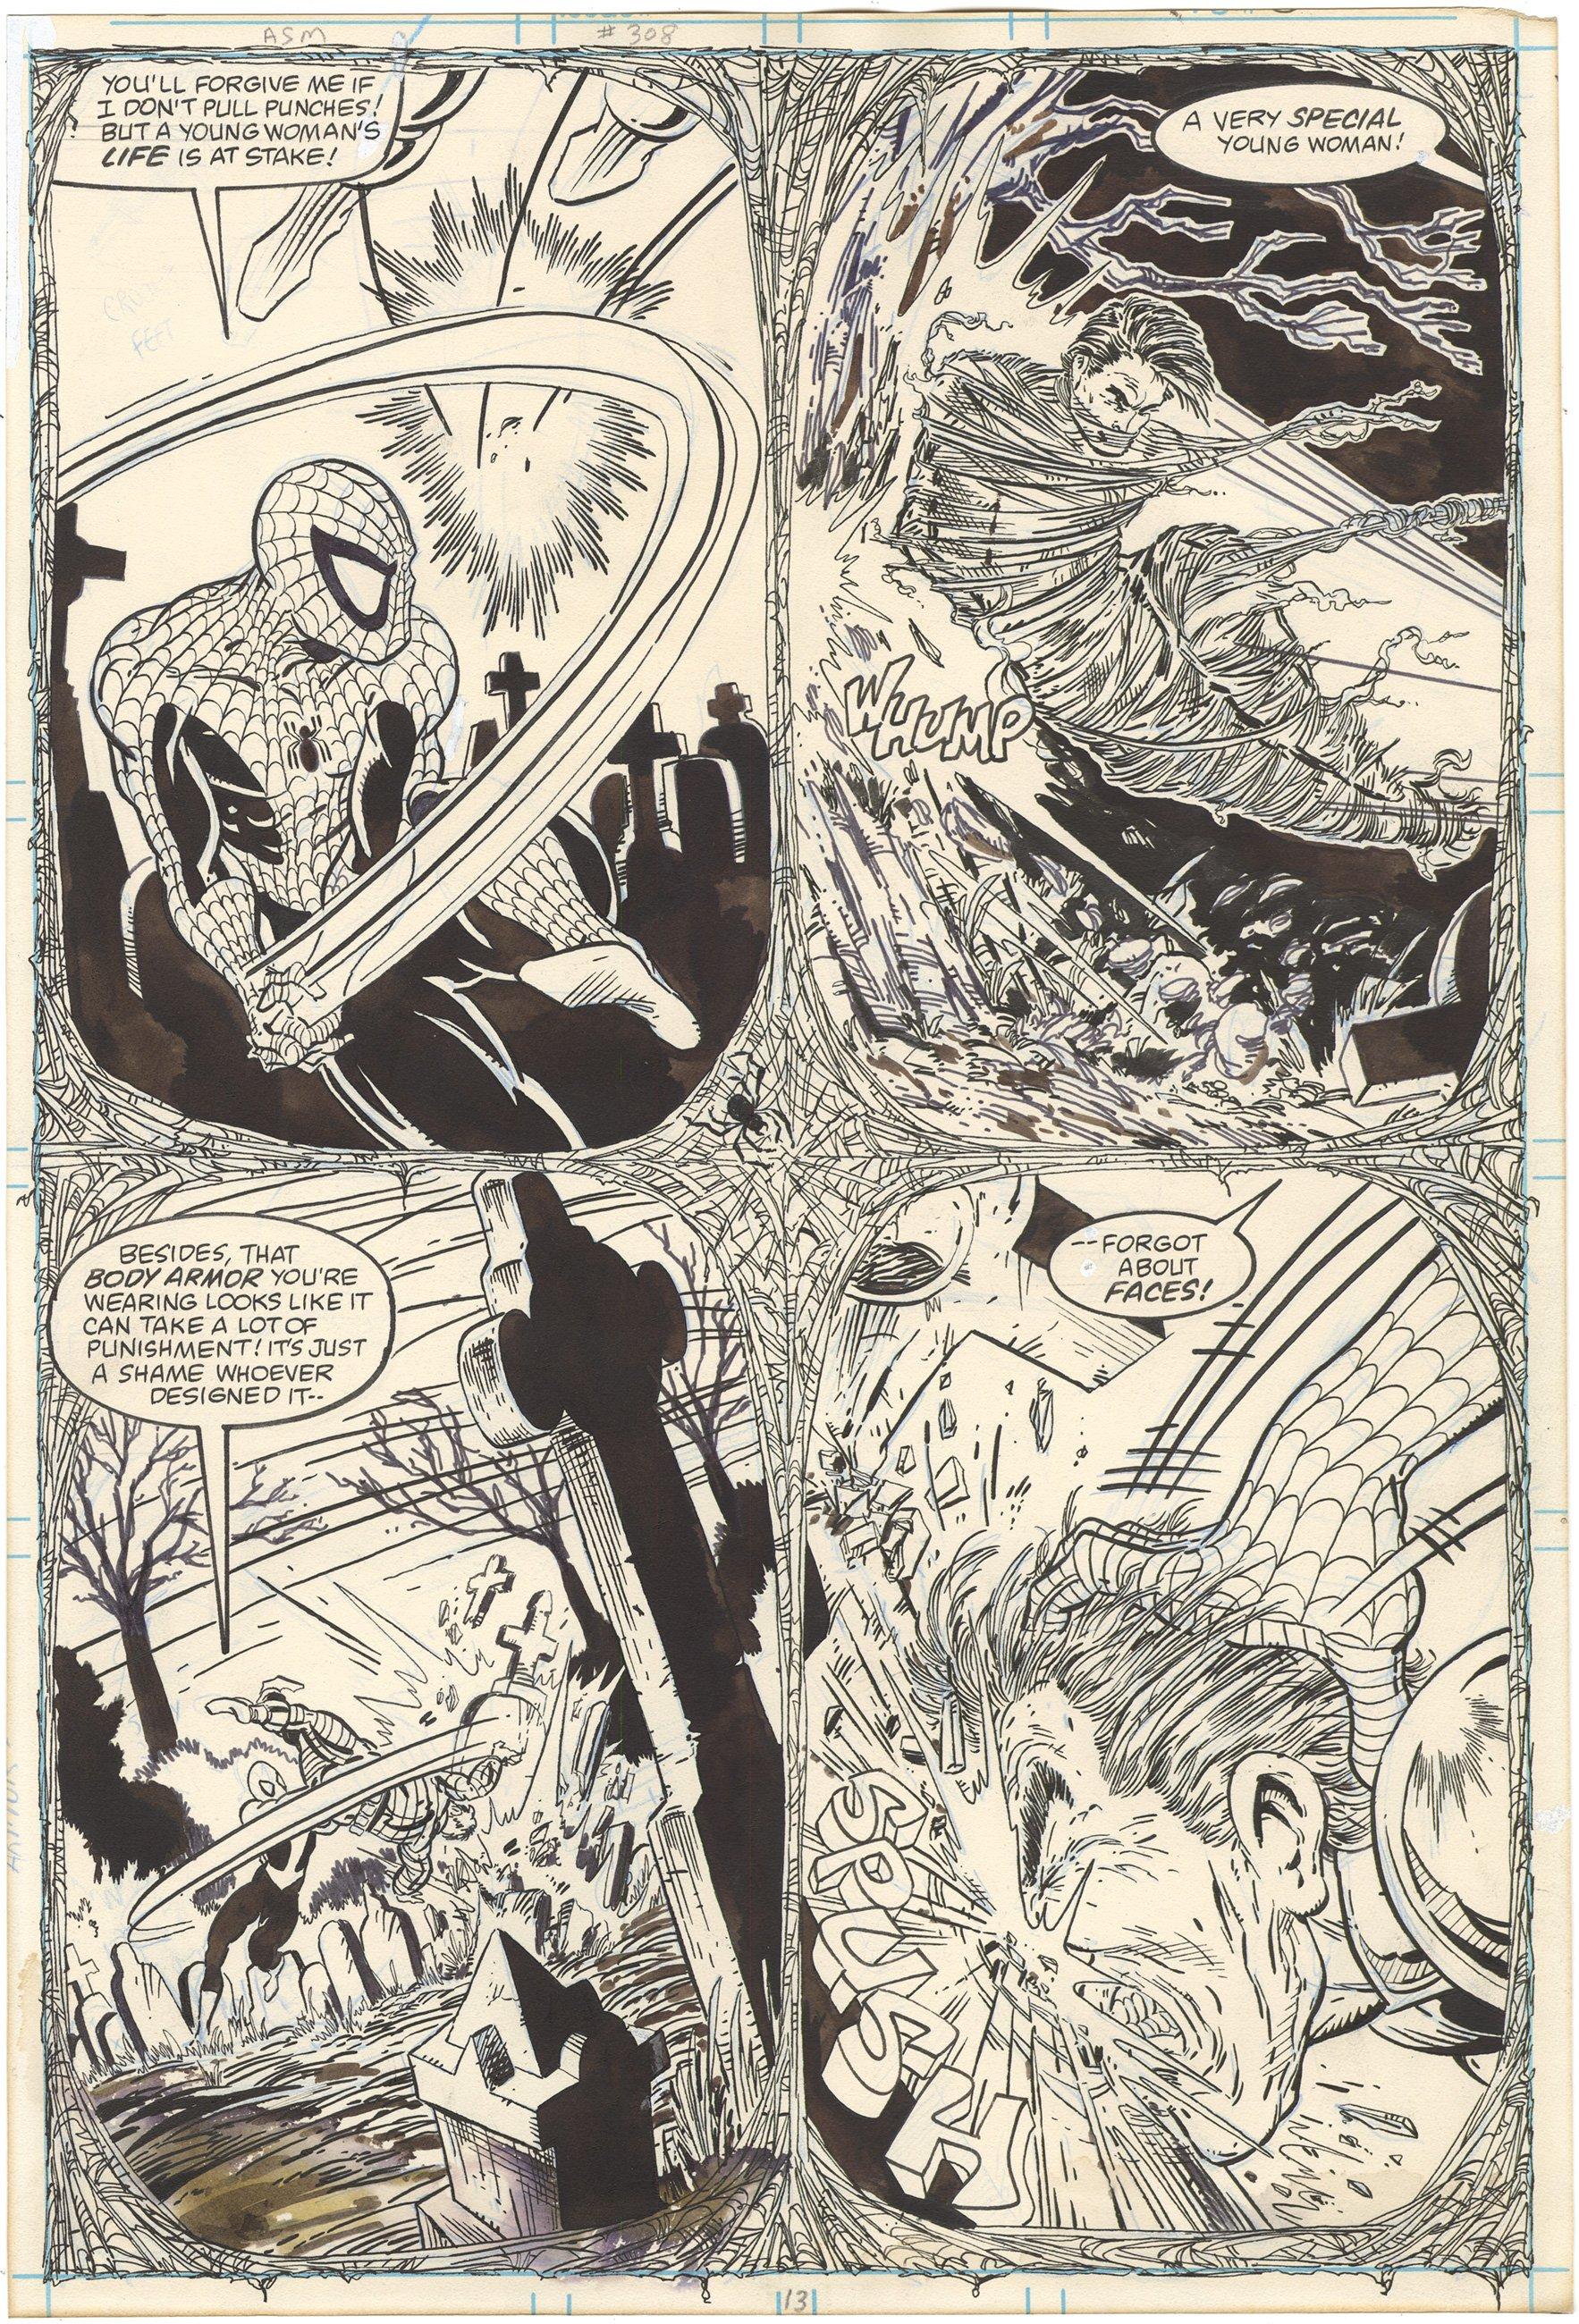 Amazing Spider-Man #308 p13